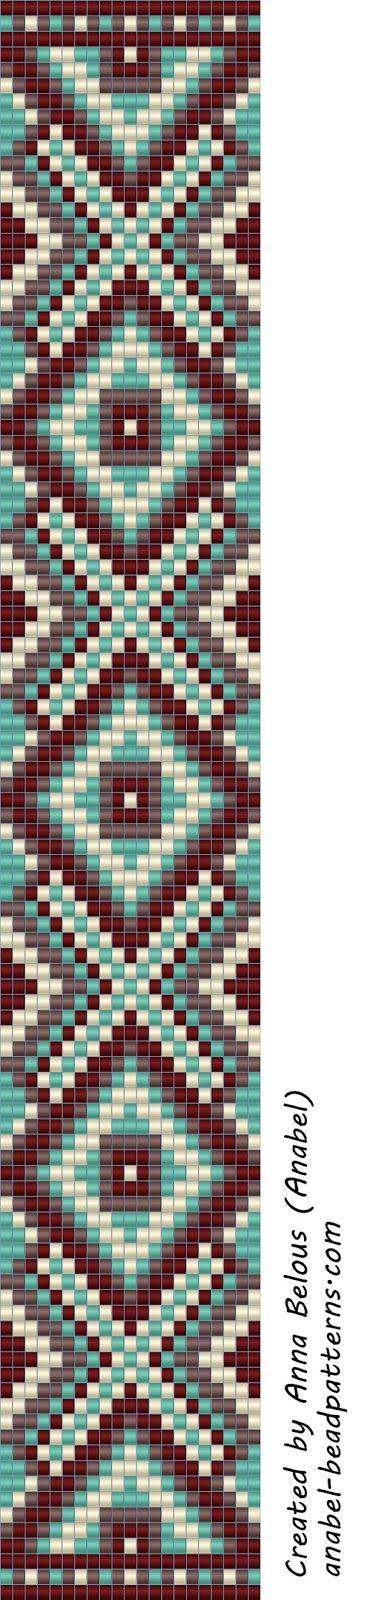 bracelet Схема браслета - станочное ткачество / гобеленовое плетение | - Схемы для бисероплетения / Free bead patterns -